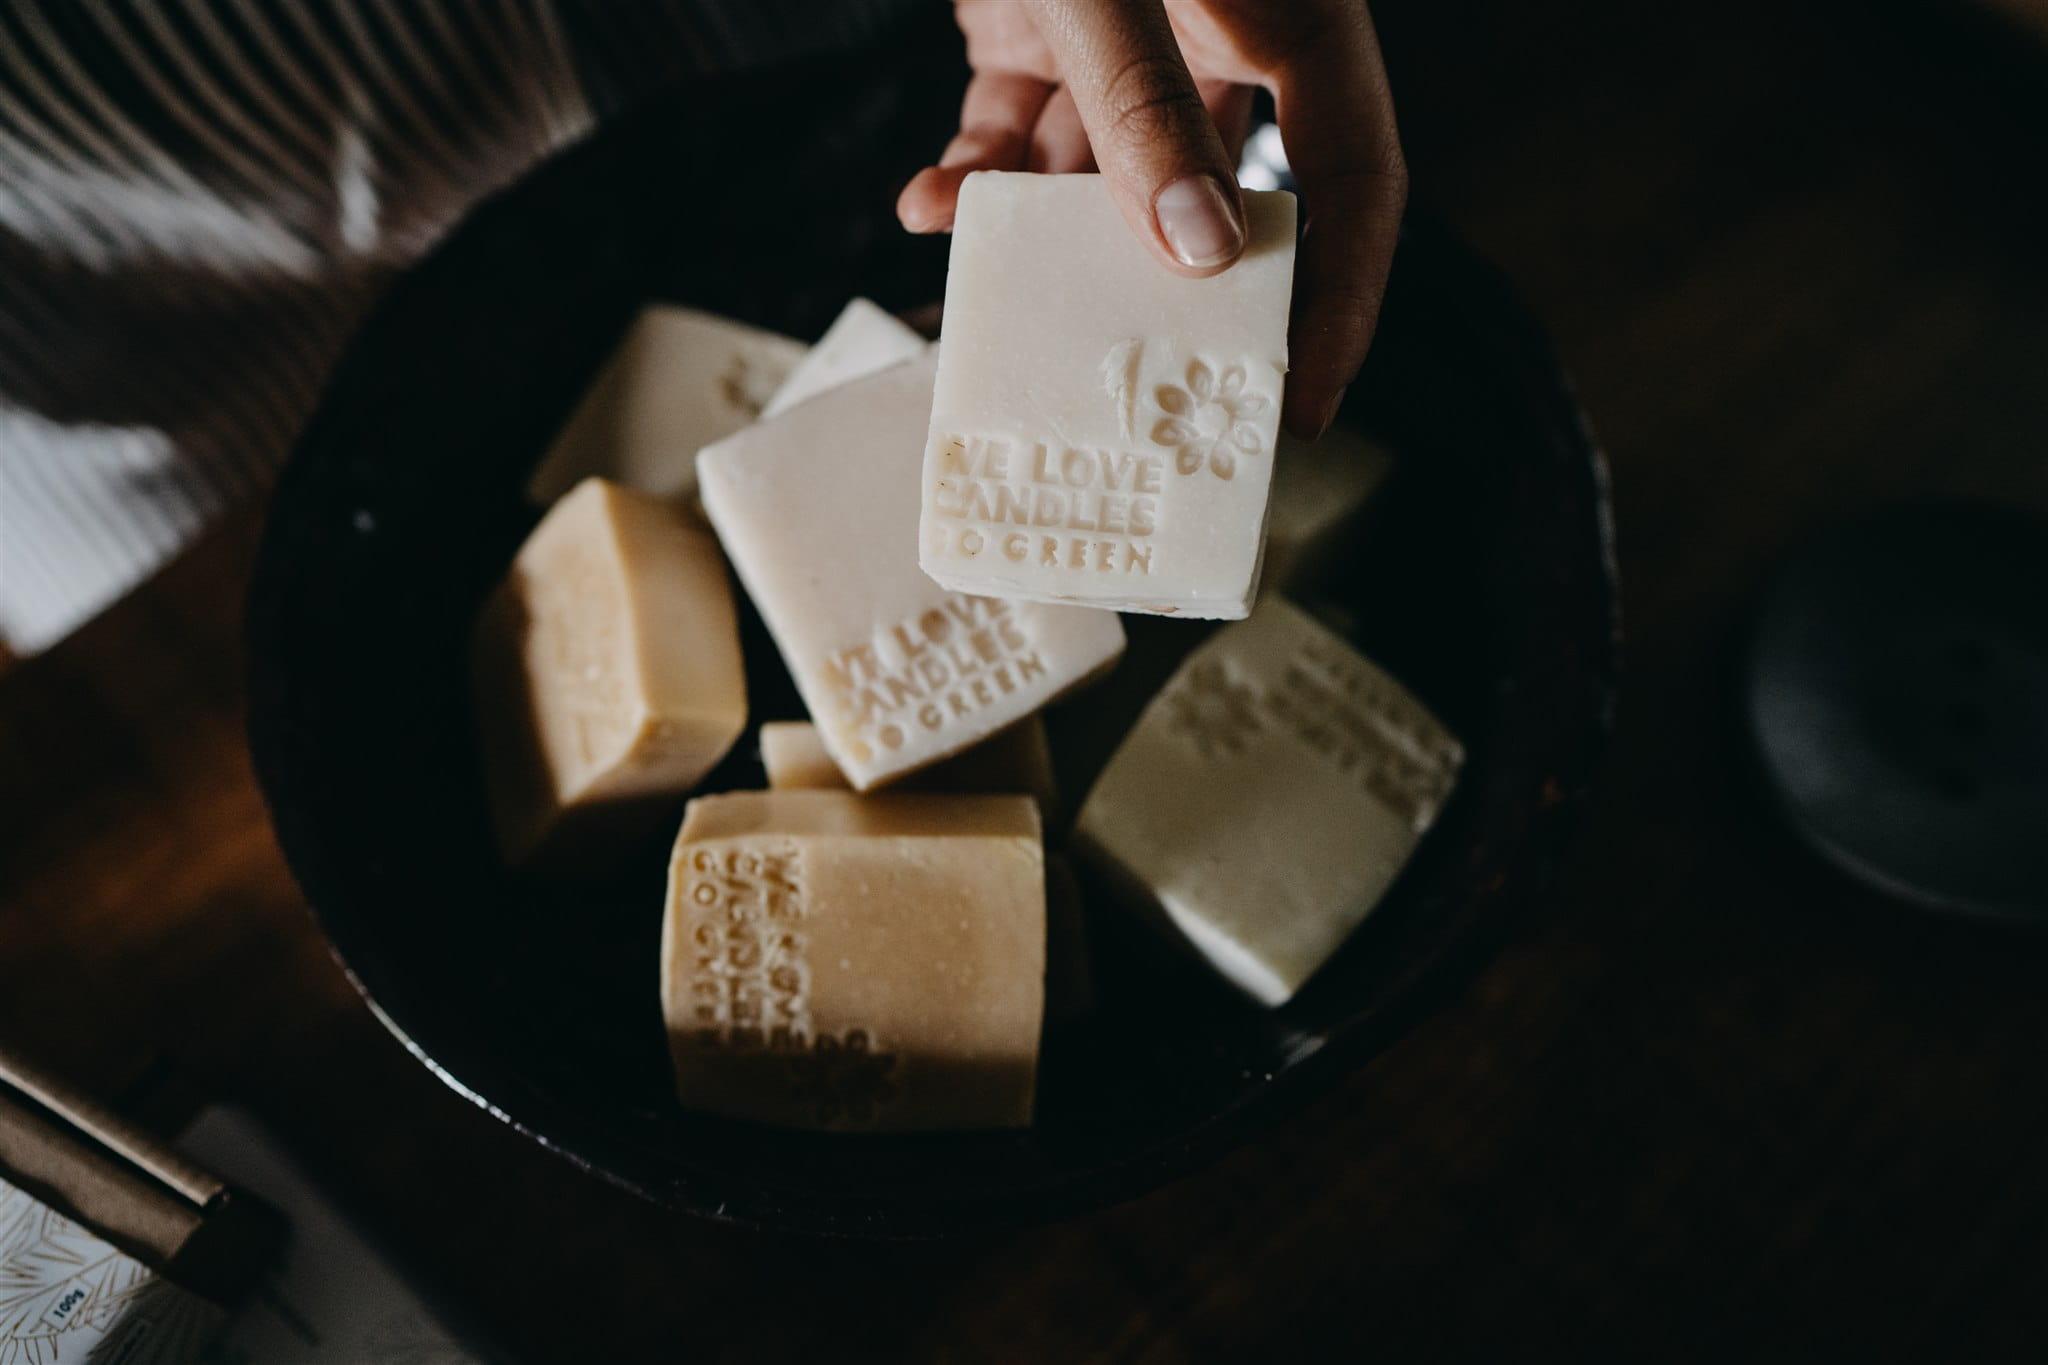 Jesieniara Ziołowe mydełko Jesieniara stworzone z mieszanki olejów i naparu z ziół. W składzie tego mydła znajdziemy wiele drogocennych olejów: babassu, rzepakowy, słonecznikowy oraz oliwę z oliwek. Do tego ich działanie jest wzbogacone masłem shea i naparem z ziół: melisy, rumianku i pokrzywy. Kostka barwiona jest jęczmieniem. To połączenie składników daje wyjątkowe mydło o działaniu silnie kojącym, łagodzącym podrażnienia i normalizującym. Zastosowane oleje są bombą witaminową, która nie tylko nawilży skórę, ale także ją odżywi, zregeneruje i uodporni na działanie zewnętrznych czynników. Mydło pachnie ziołowo, wycisza nie tylko cerę, ale też zmysły. Wskazanie do stosowania: cera podrażniona, przetłuszczająca się, trądzikowa. Działanie: koi, łagodzi podrażnienia, normalizuje. Metoda wytwarzania: na zimno. Baza Mydła tworzone metodą na zimno należą do kategorii mydeł pielęgnacyjnych. Każde z mydeł musi 4 tygodnie leżakować zanim trafi w Twoje ręce! Dzięki temu wszystkie składniki nabie